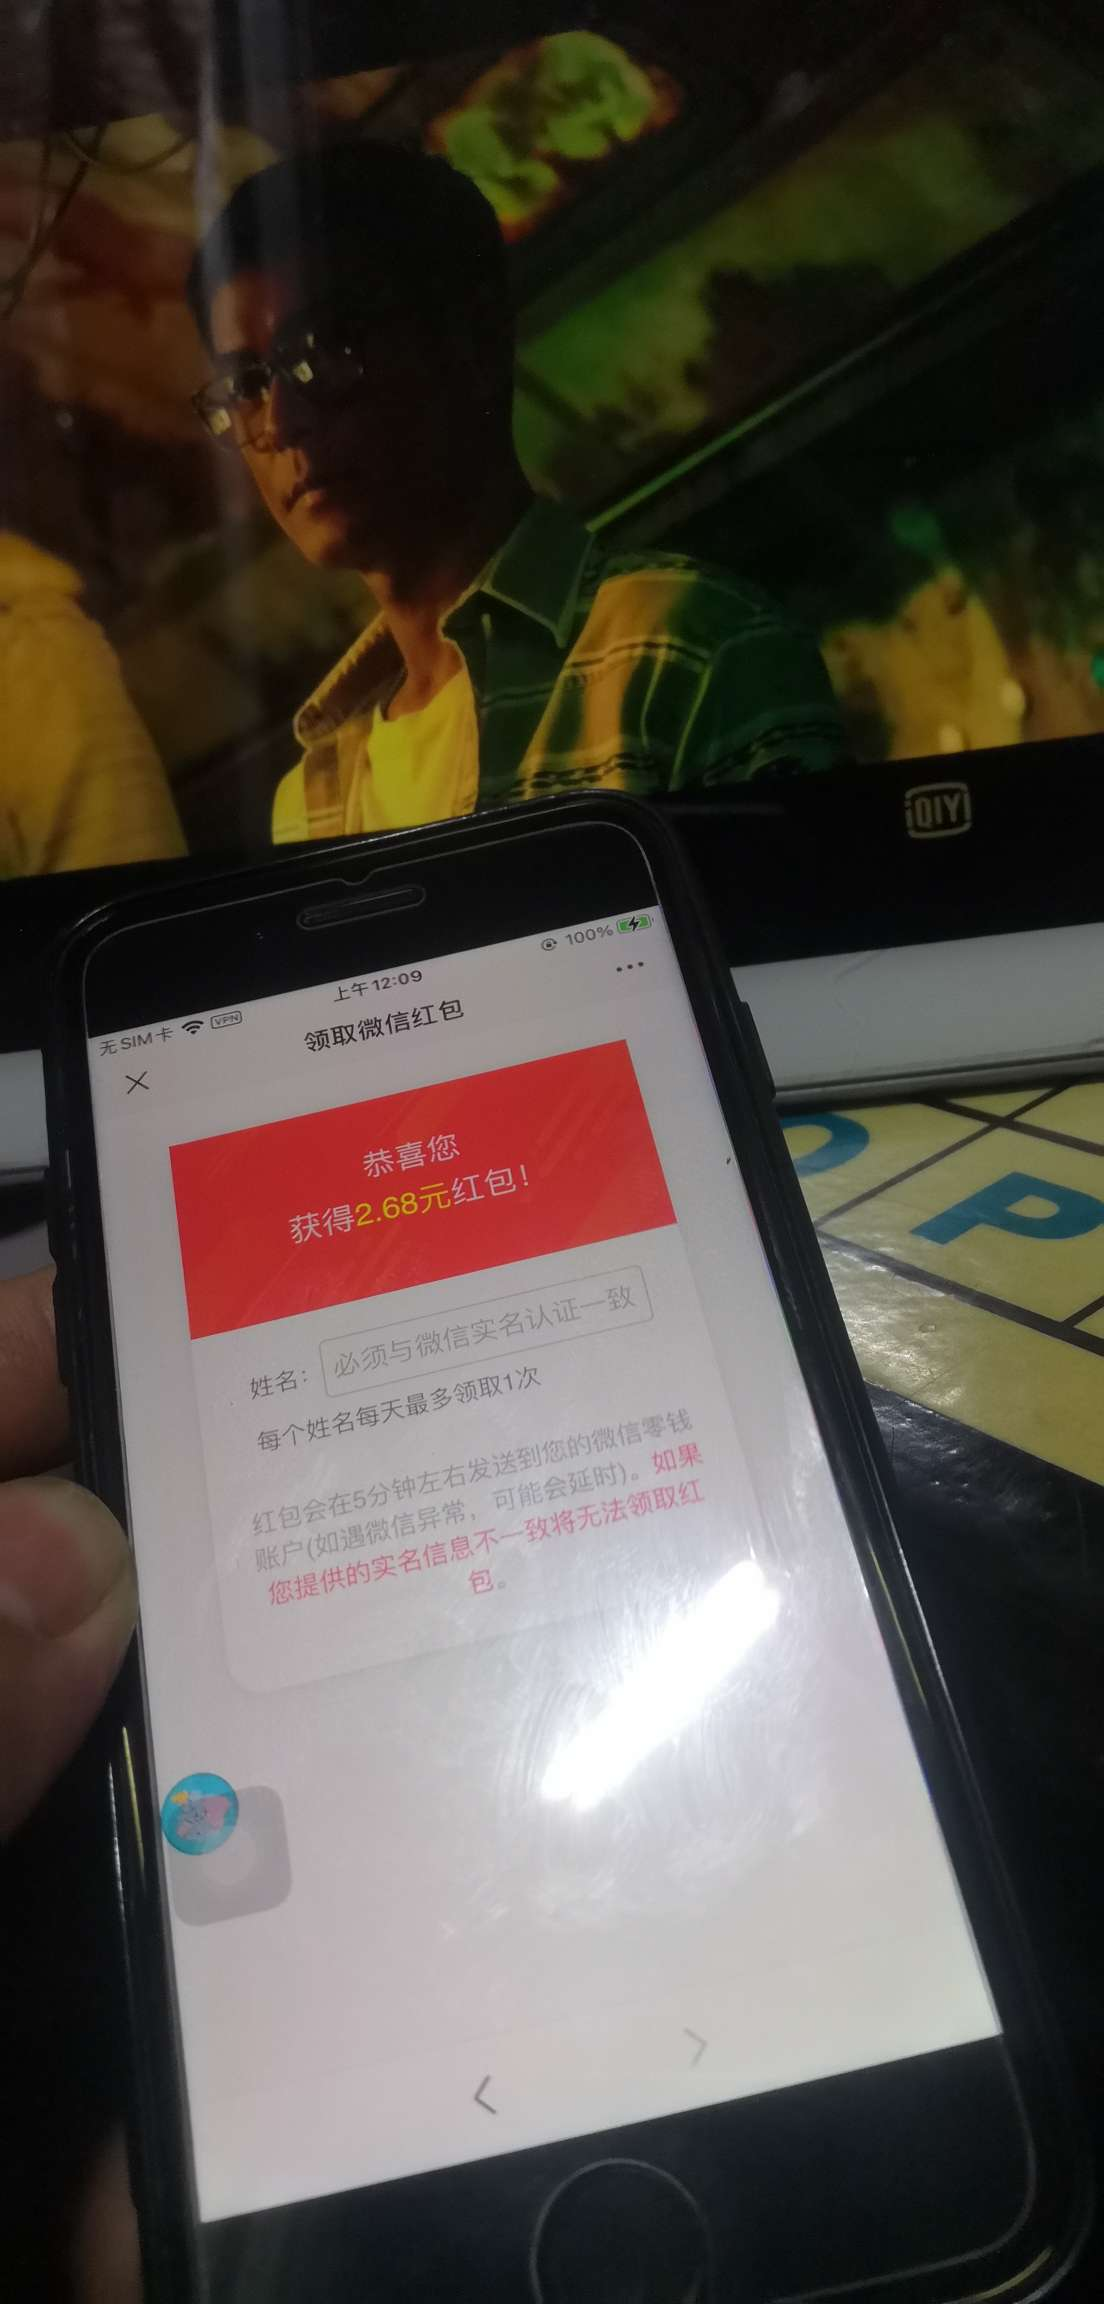 【现金红包】问卷星调查抽奖-聚合资源网